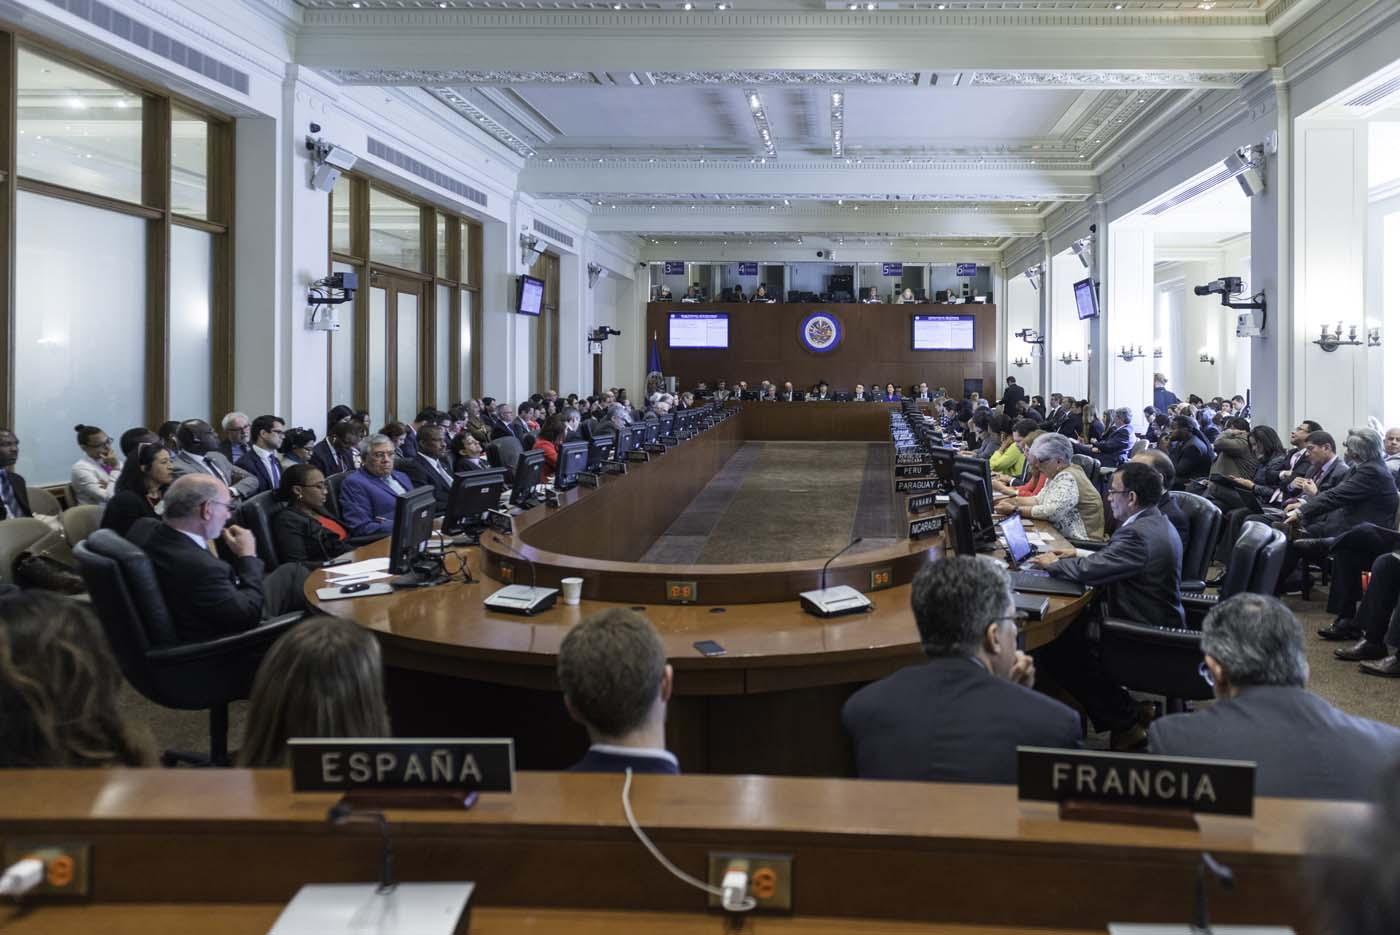 SHM123. WASHINGTON (DC, EE.UU.), 26/04/2017.- Fotografía cedida por la Organización de Estados Americanos (OEA) de una vista general durante una sesión especial del Consejo Permanente de la OEA hoy, miércoles 26 de abril 2017, en Washington, DC (EE.UU.). El Gobierno de Venezuela anunció hoy que dejará la OEA por haberse convocado una reunión de cancilleres sobre la crisis política del país pese a su oposición frontal a esa sesión. EFE/Juan Manuel Herrera/Cortesía OEA/SOLO USO EDITORIAL/NO VENTAS